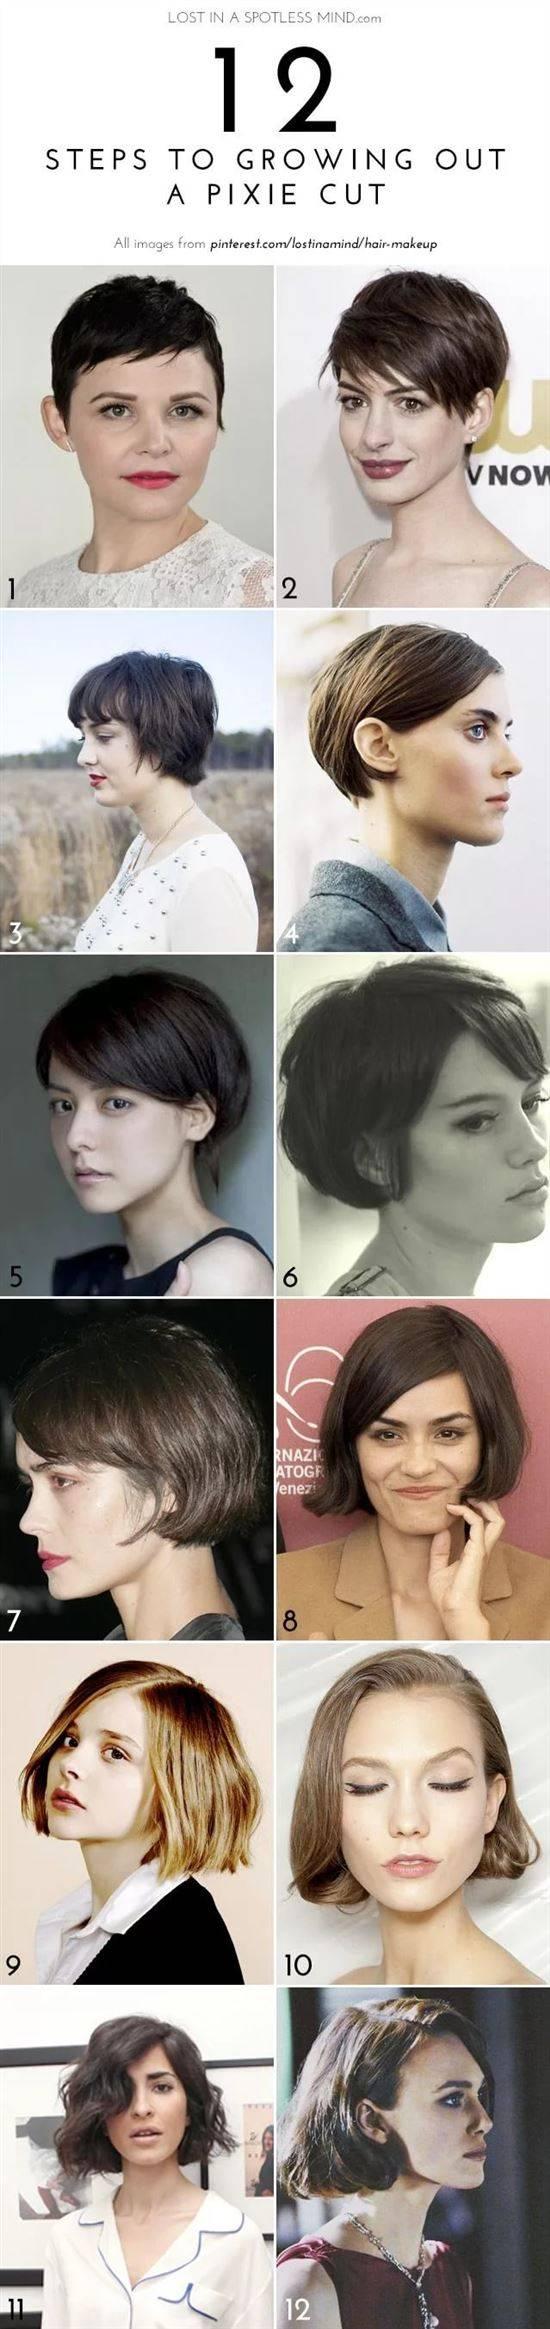 частных этапы отращивания волос фото луна черепа